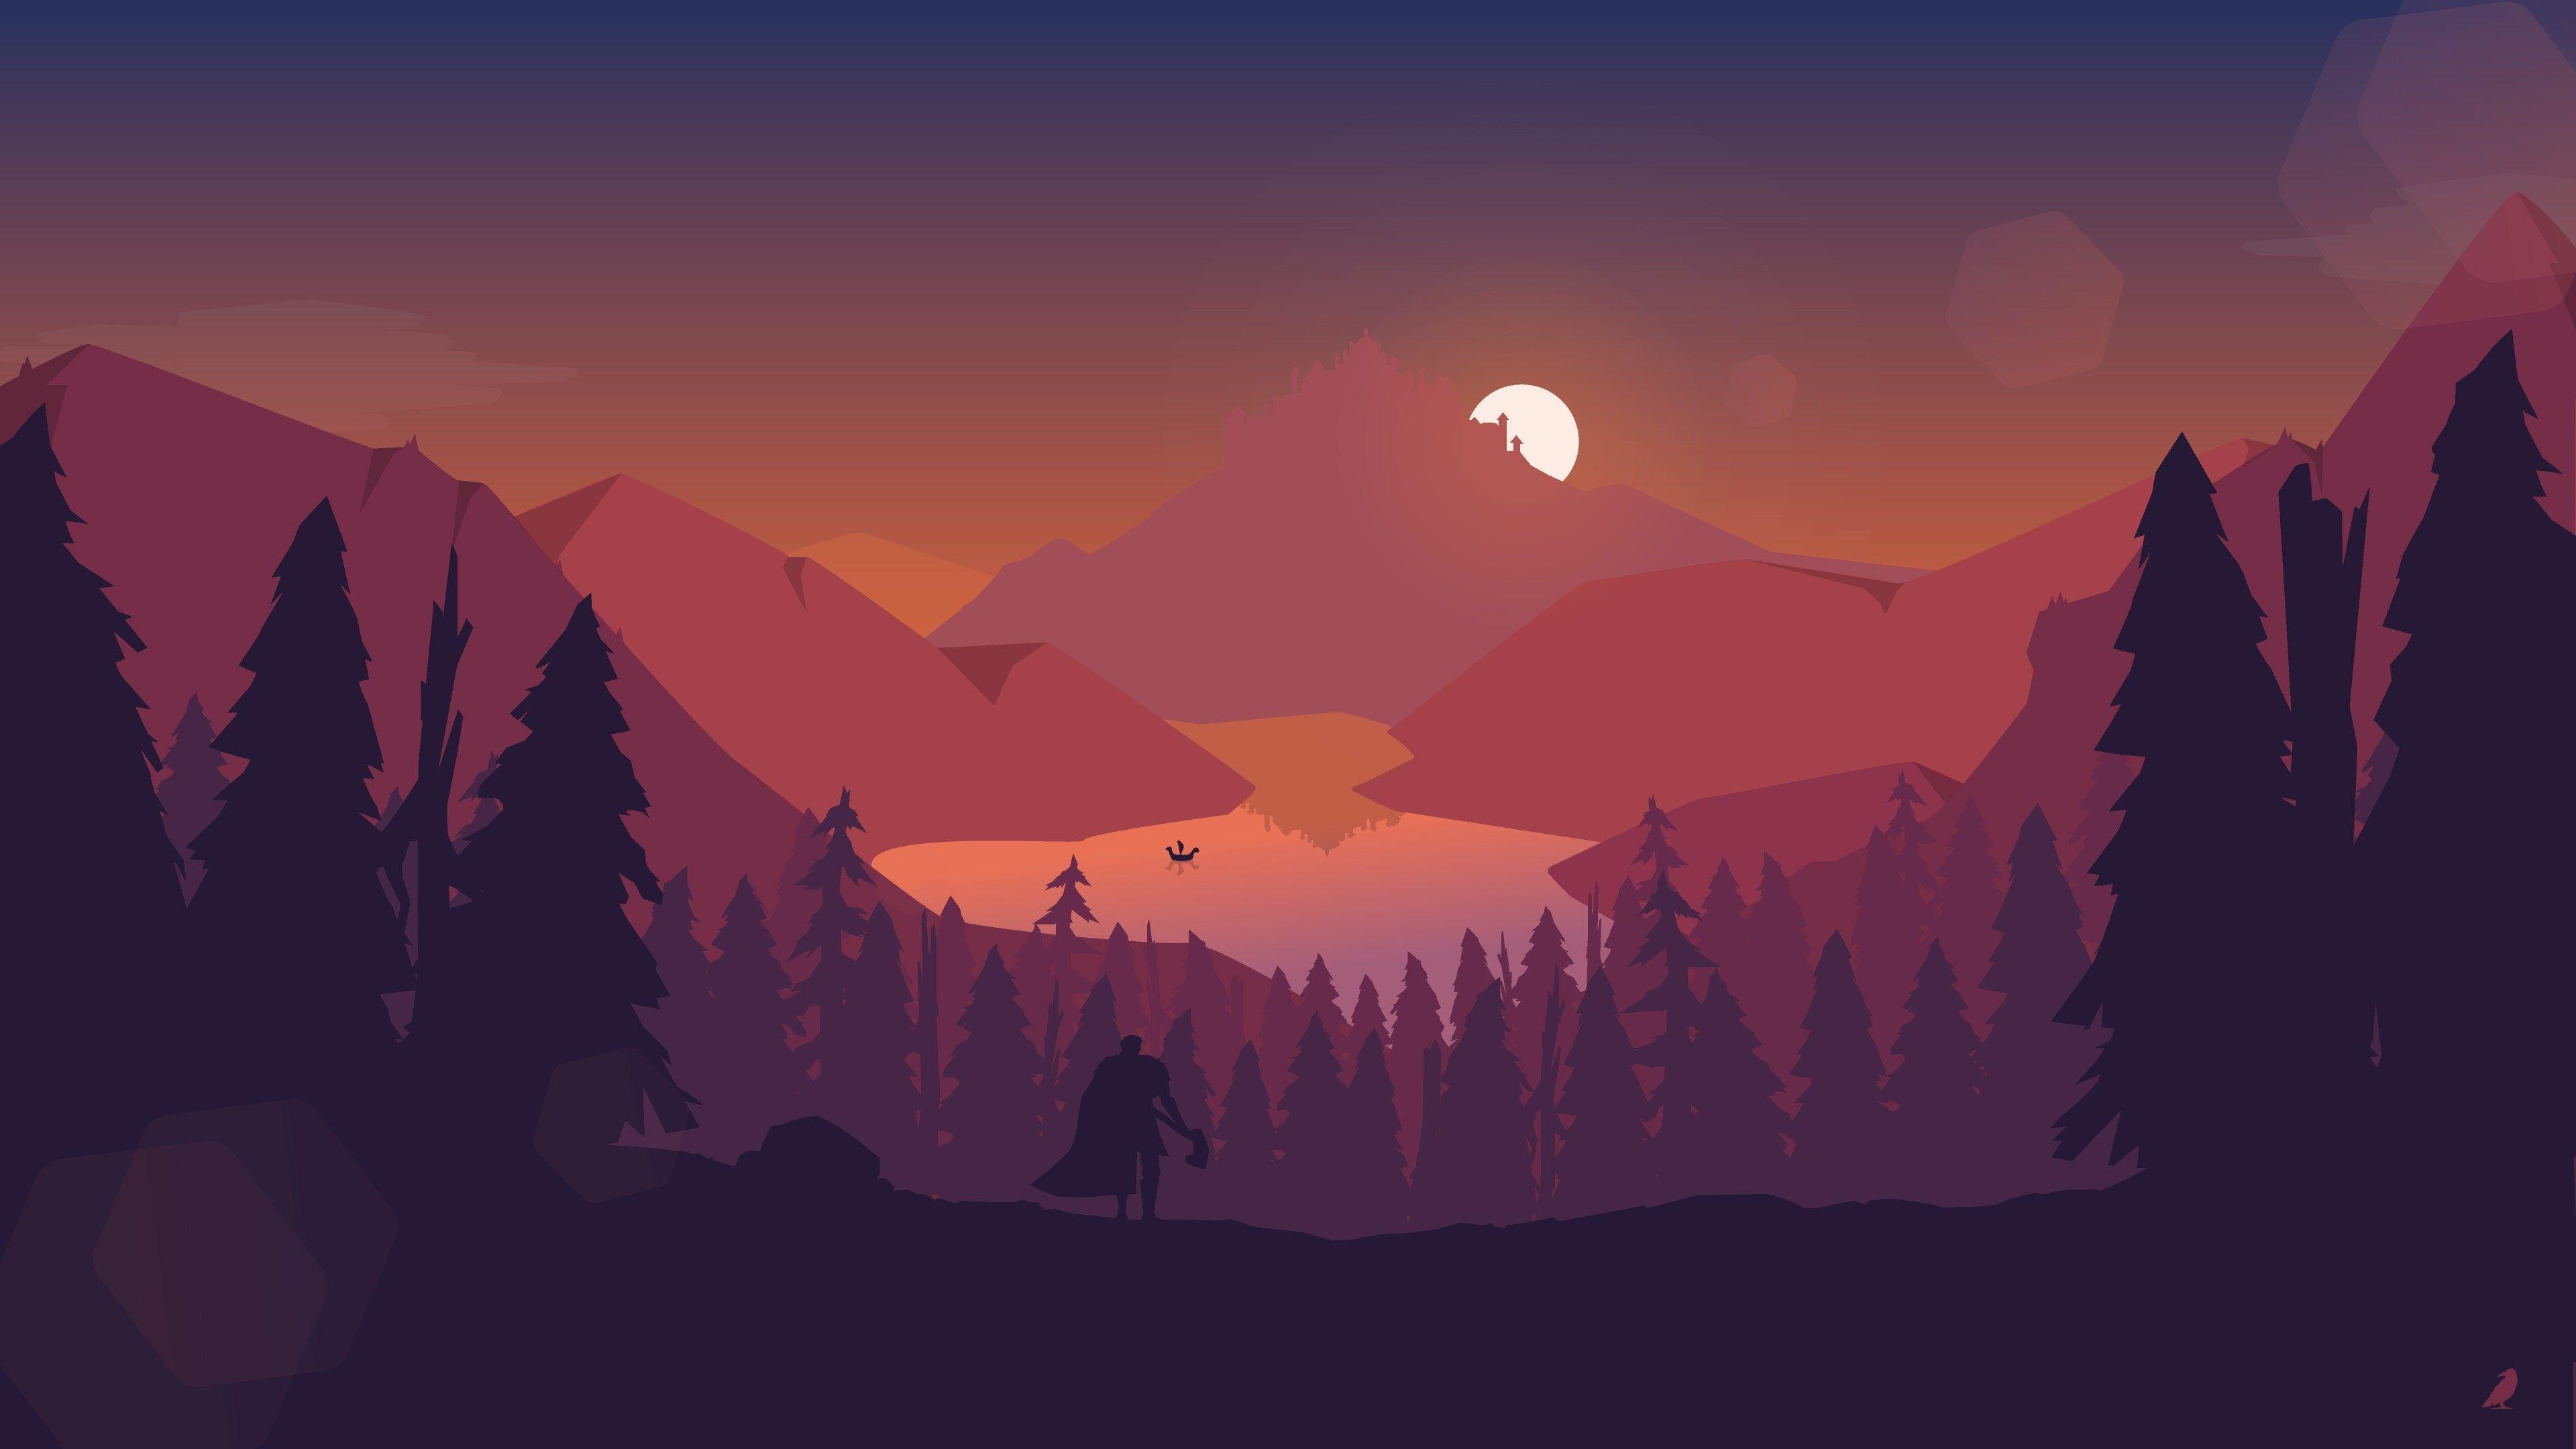 A Nice Sun Set 4k Wallpaper Desktop Wallpaper Art Abstract Wallpaper Backgrounds Landscape Wallpaper